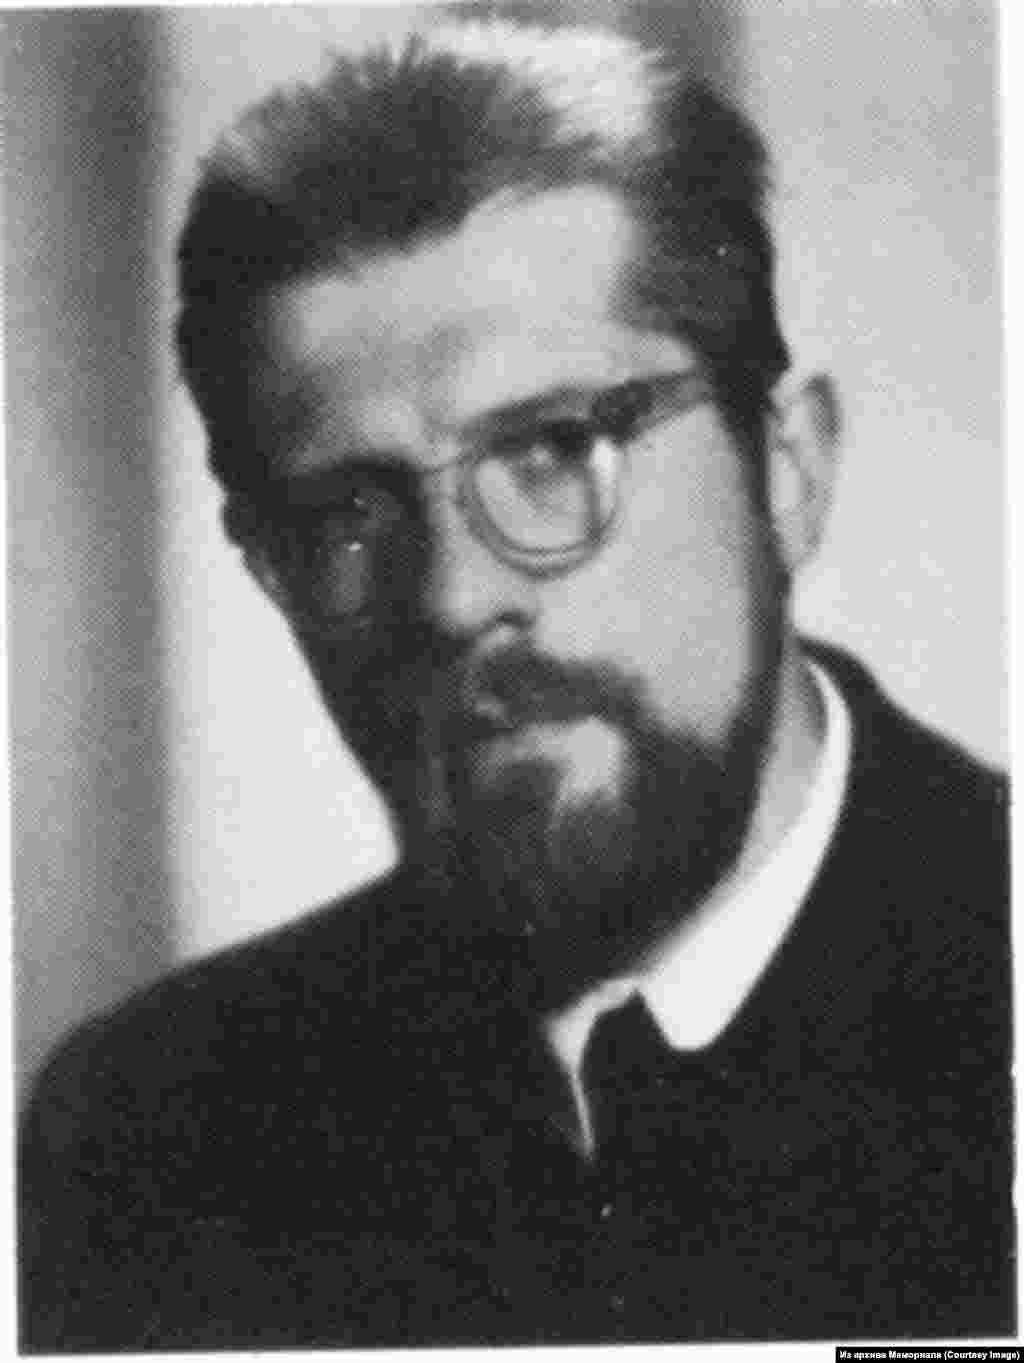 """Виктор Калниньш (1938-2001) - участник латышской подпольной группы """"Балтийская федерация"""", политзаключенный с 1962 по 1972."""